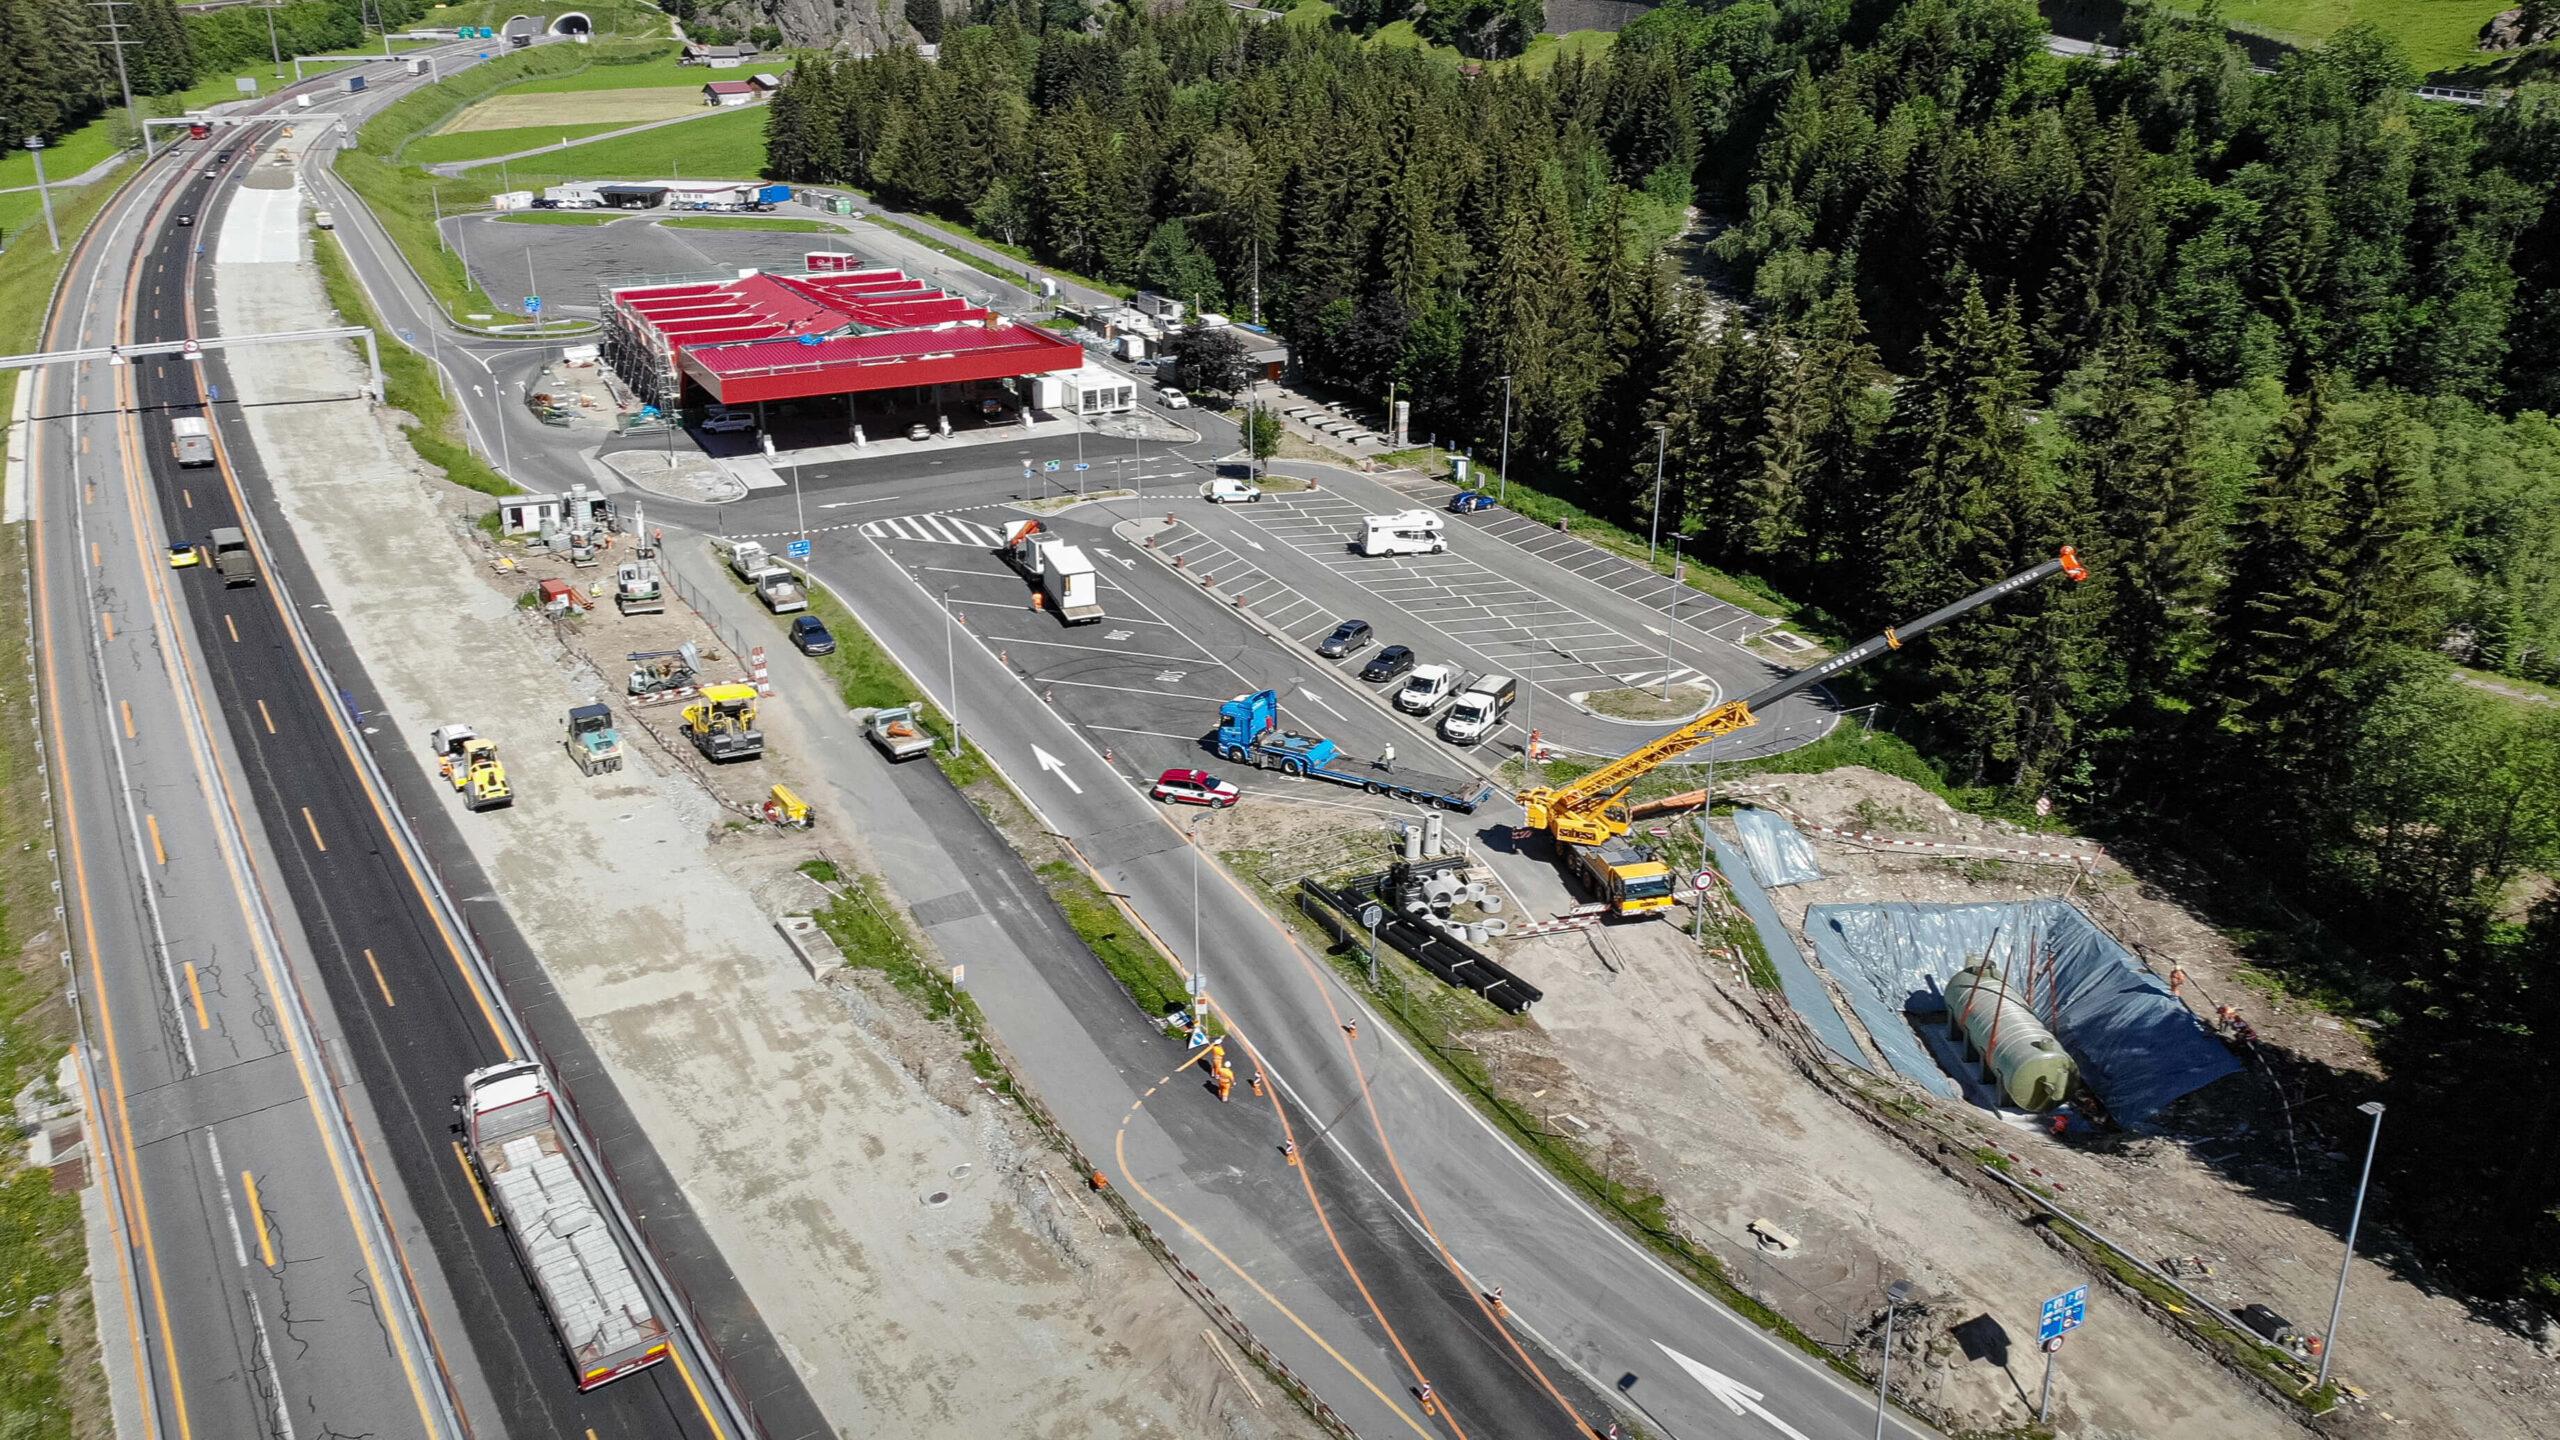 Autostrade più pulite con i separatori lamellari